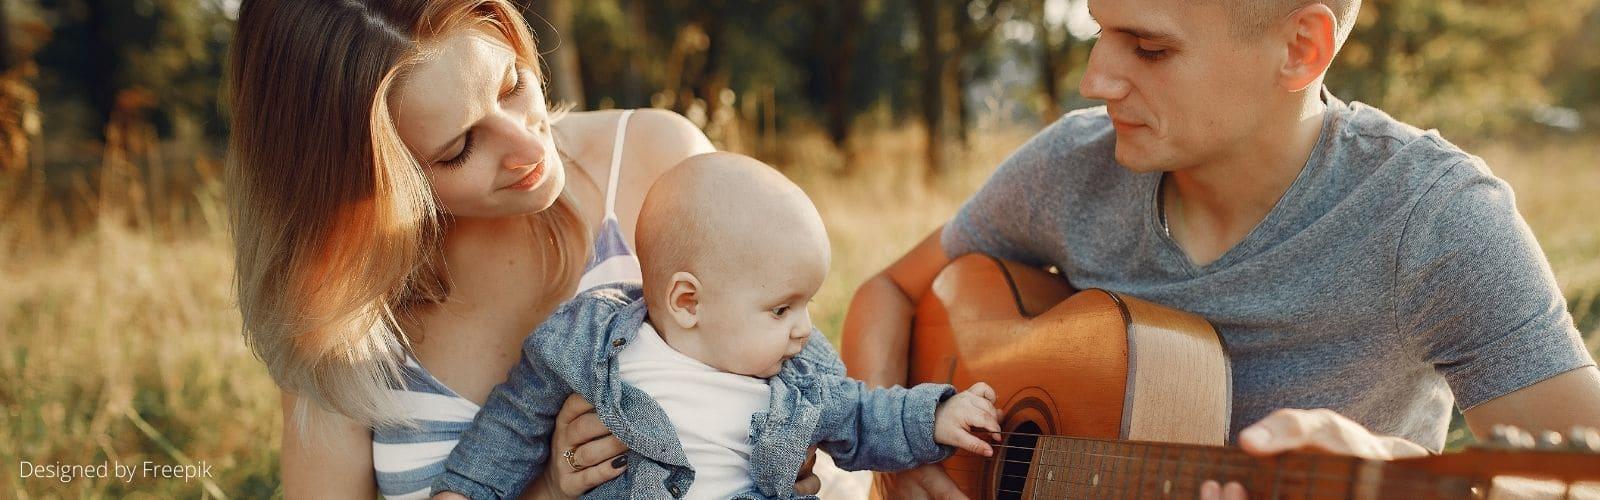 Éveil musical : faire aimer la musique aux enfants dès leur plus jeune âge !